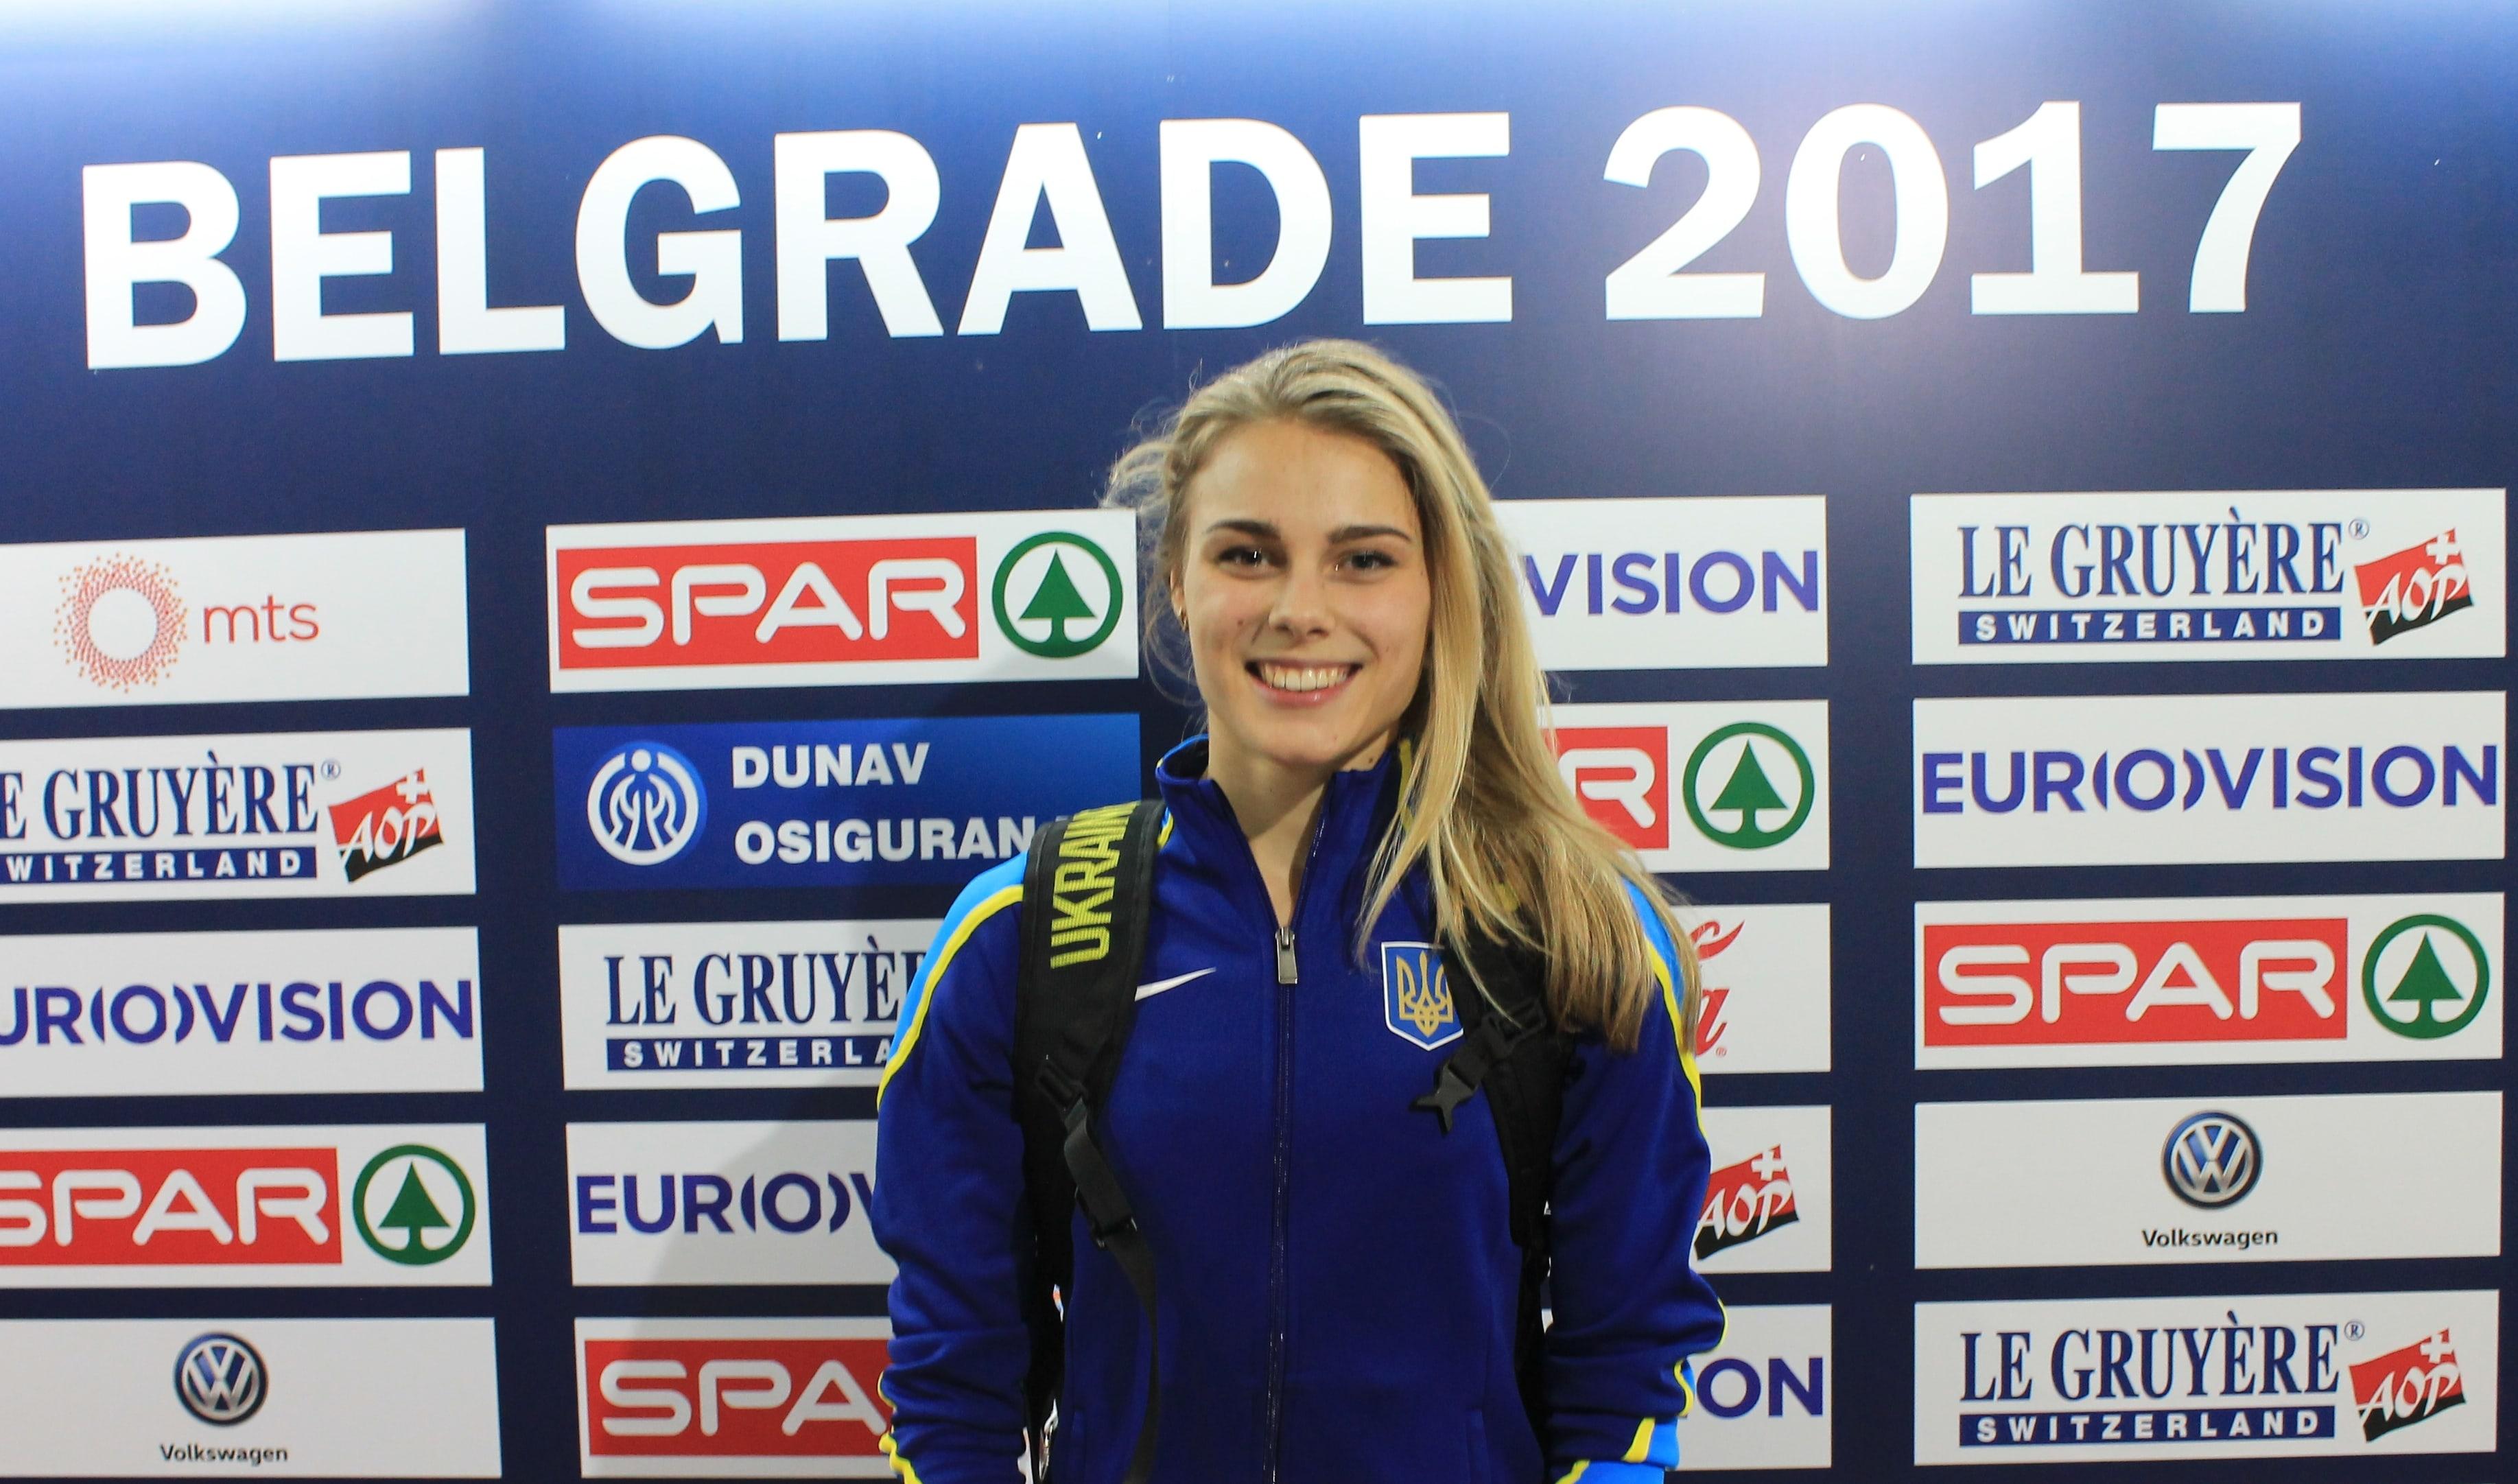 Вітаємо бронзову призерку Чемпіонату Європи!